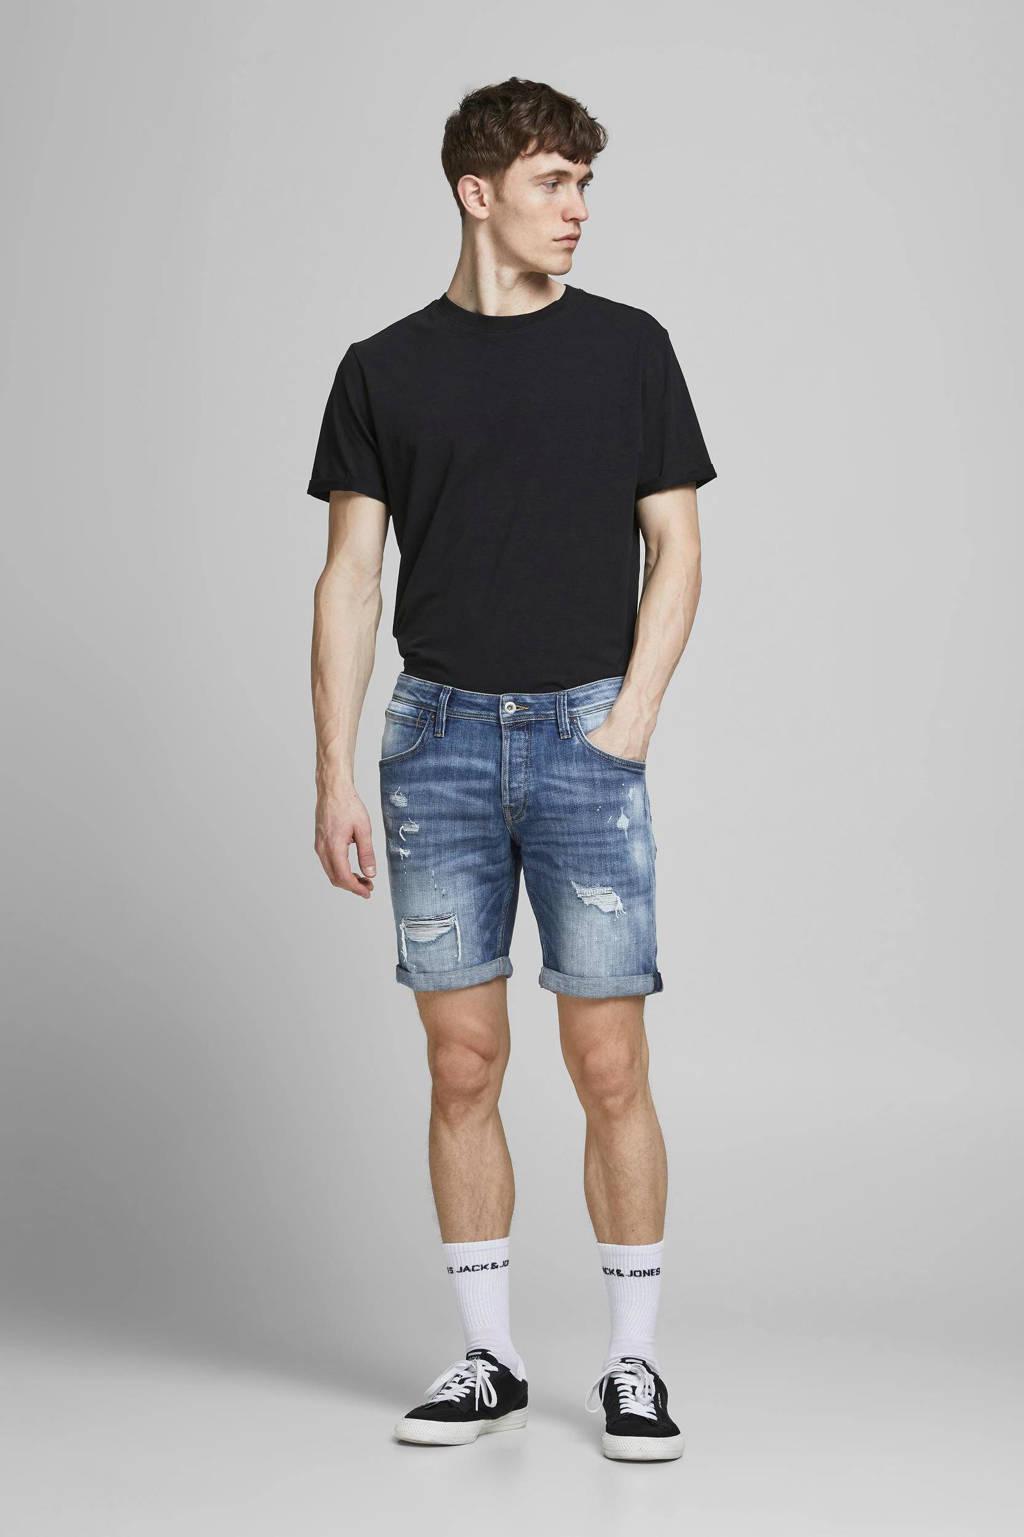 JACK & JONES JEANS INTELLIGENCE regular fit jeans short Rick Fox stonewashed, Stonewashed